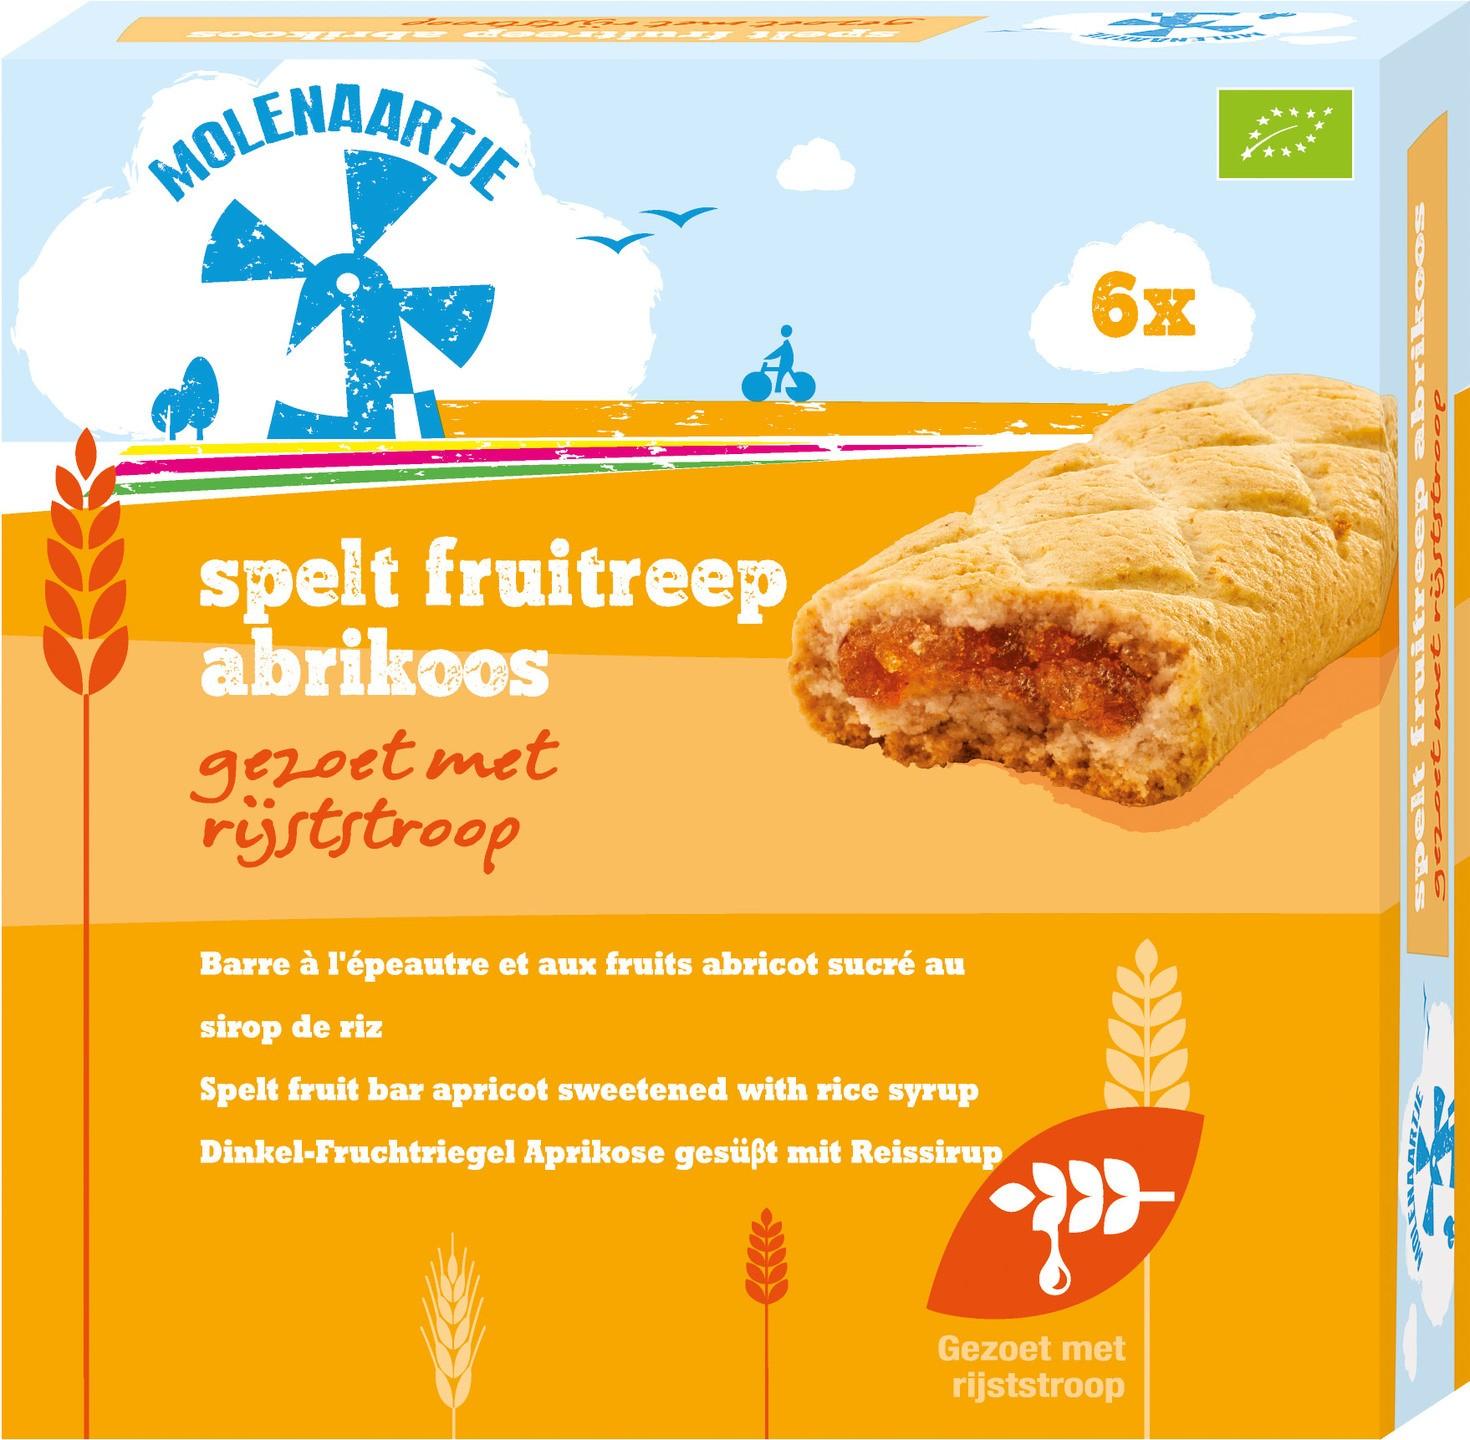 Biologische Molenaartje Spelt fruitreep abrikoos 180 gr